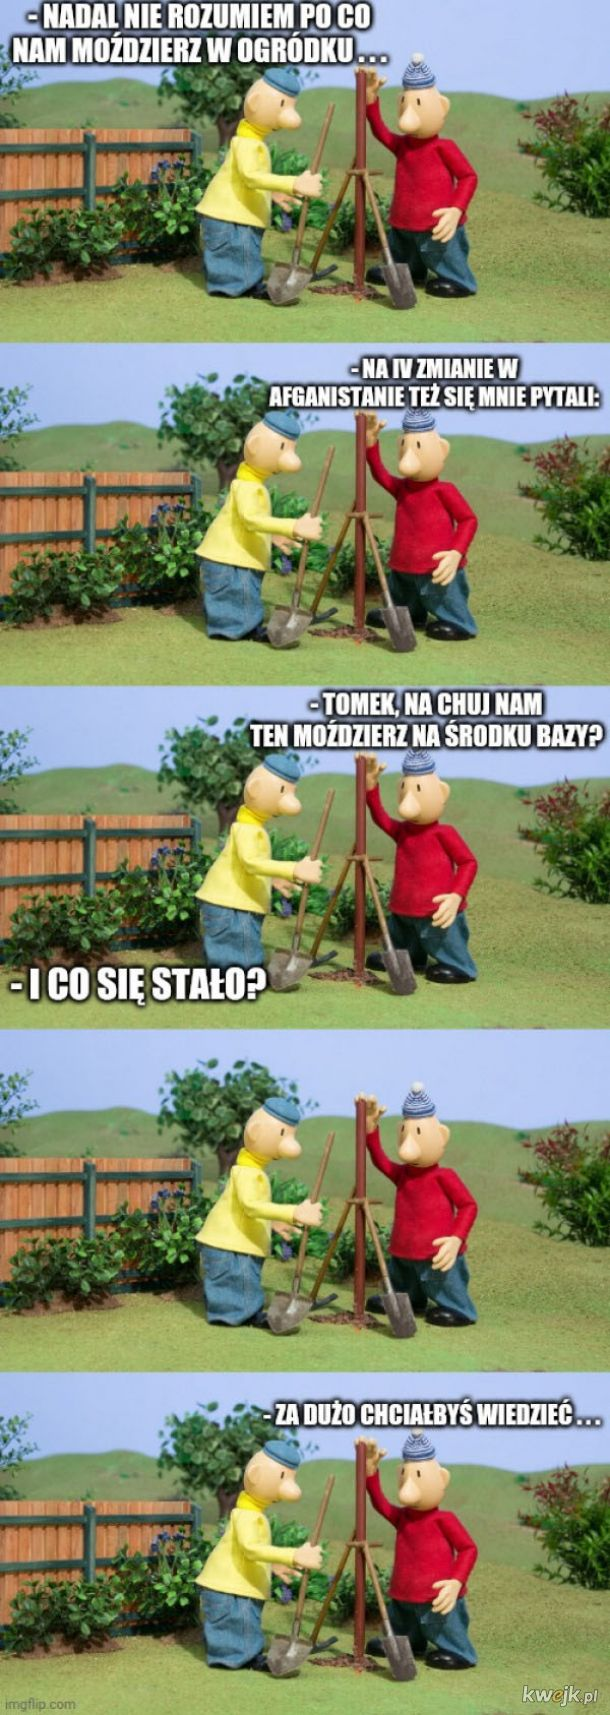 Moździerz w ogródku